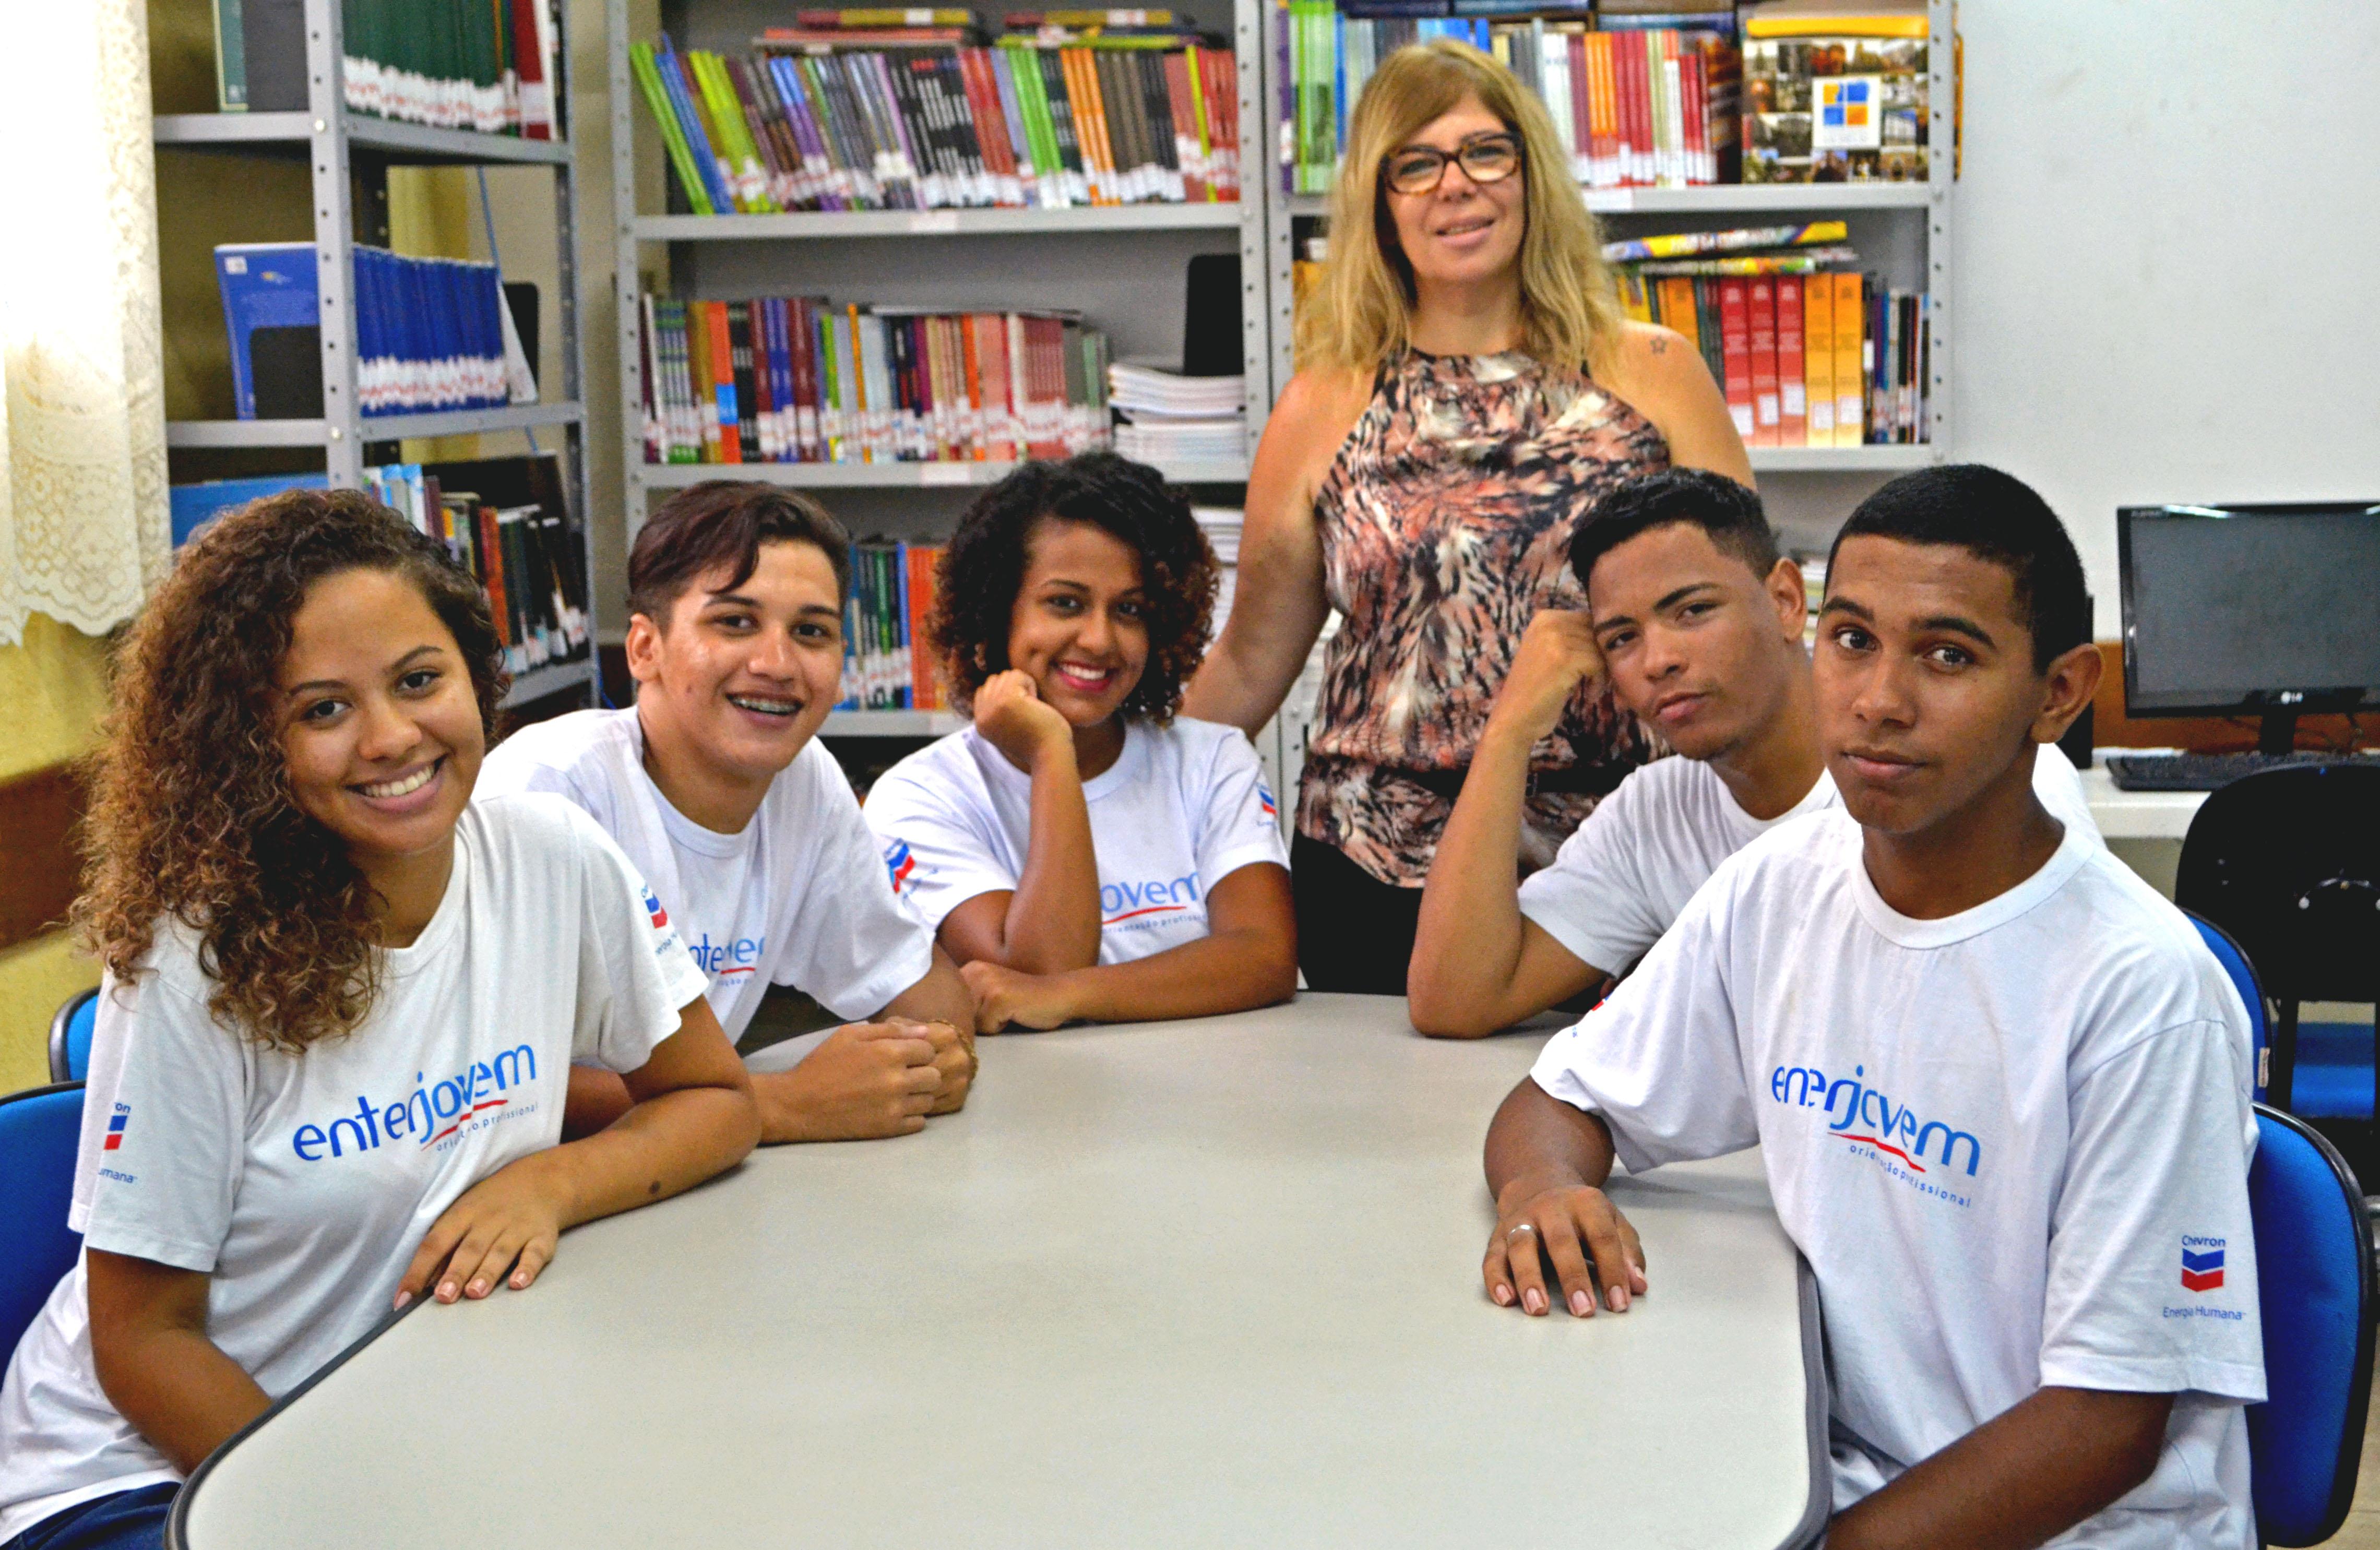 Curso gratuito de qualificação socioprofissional no Colégio Estadual Olga Benário